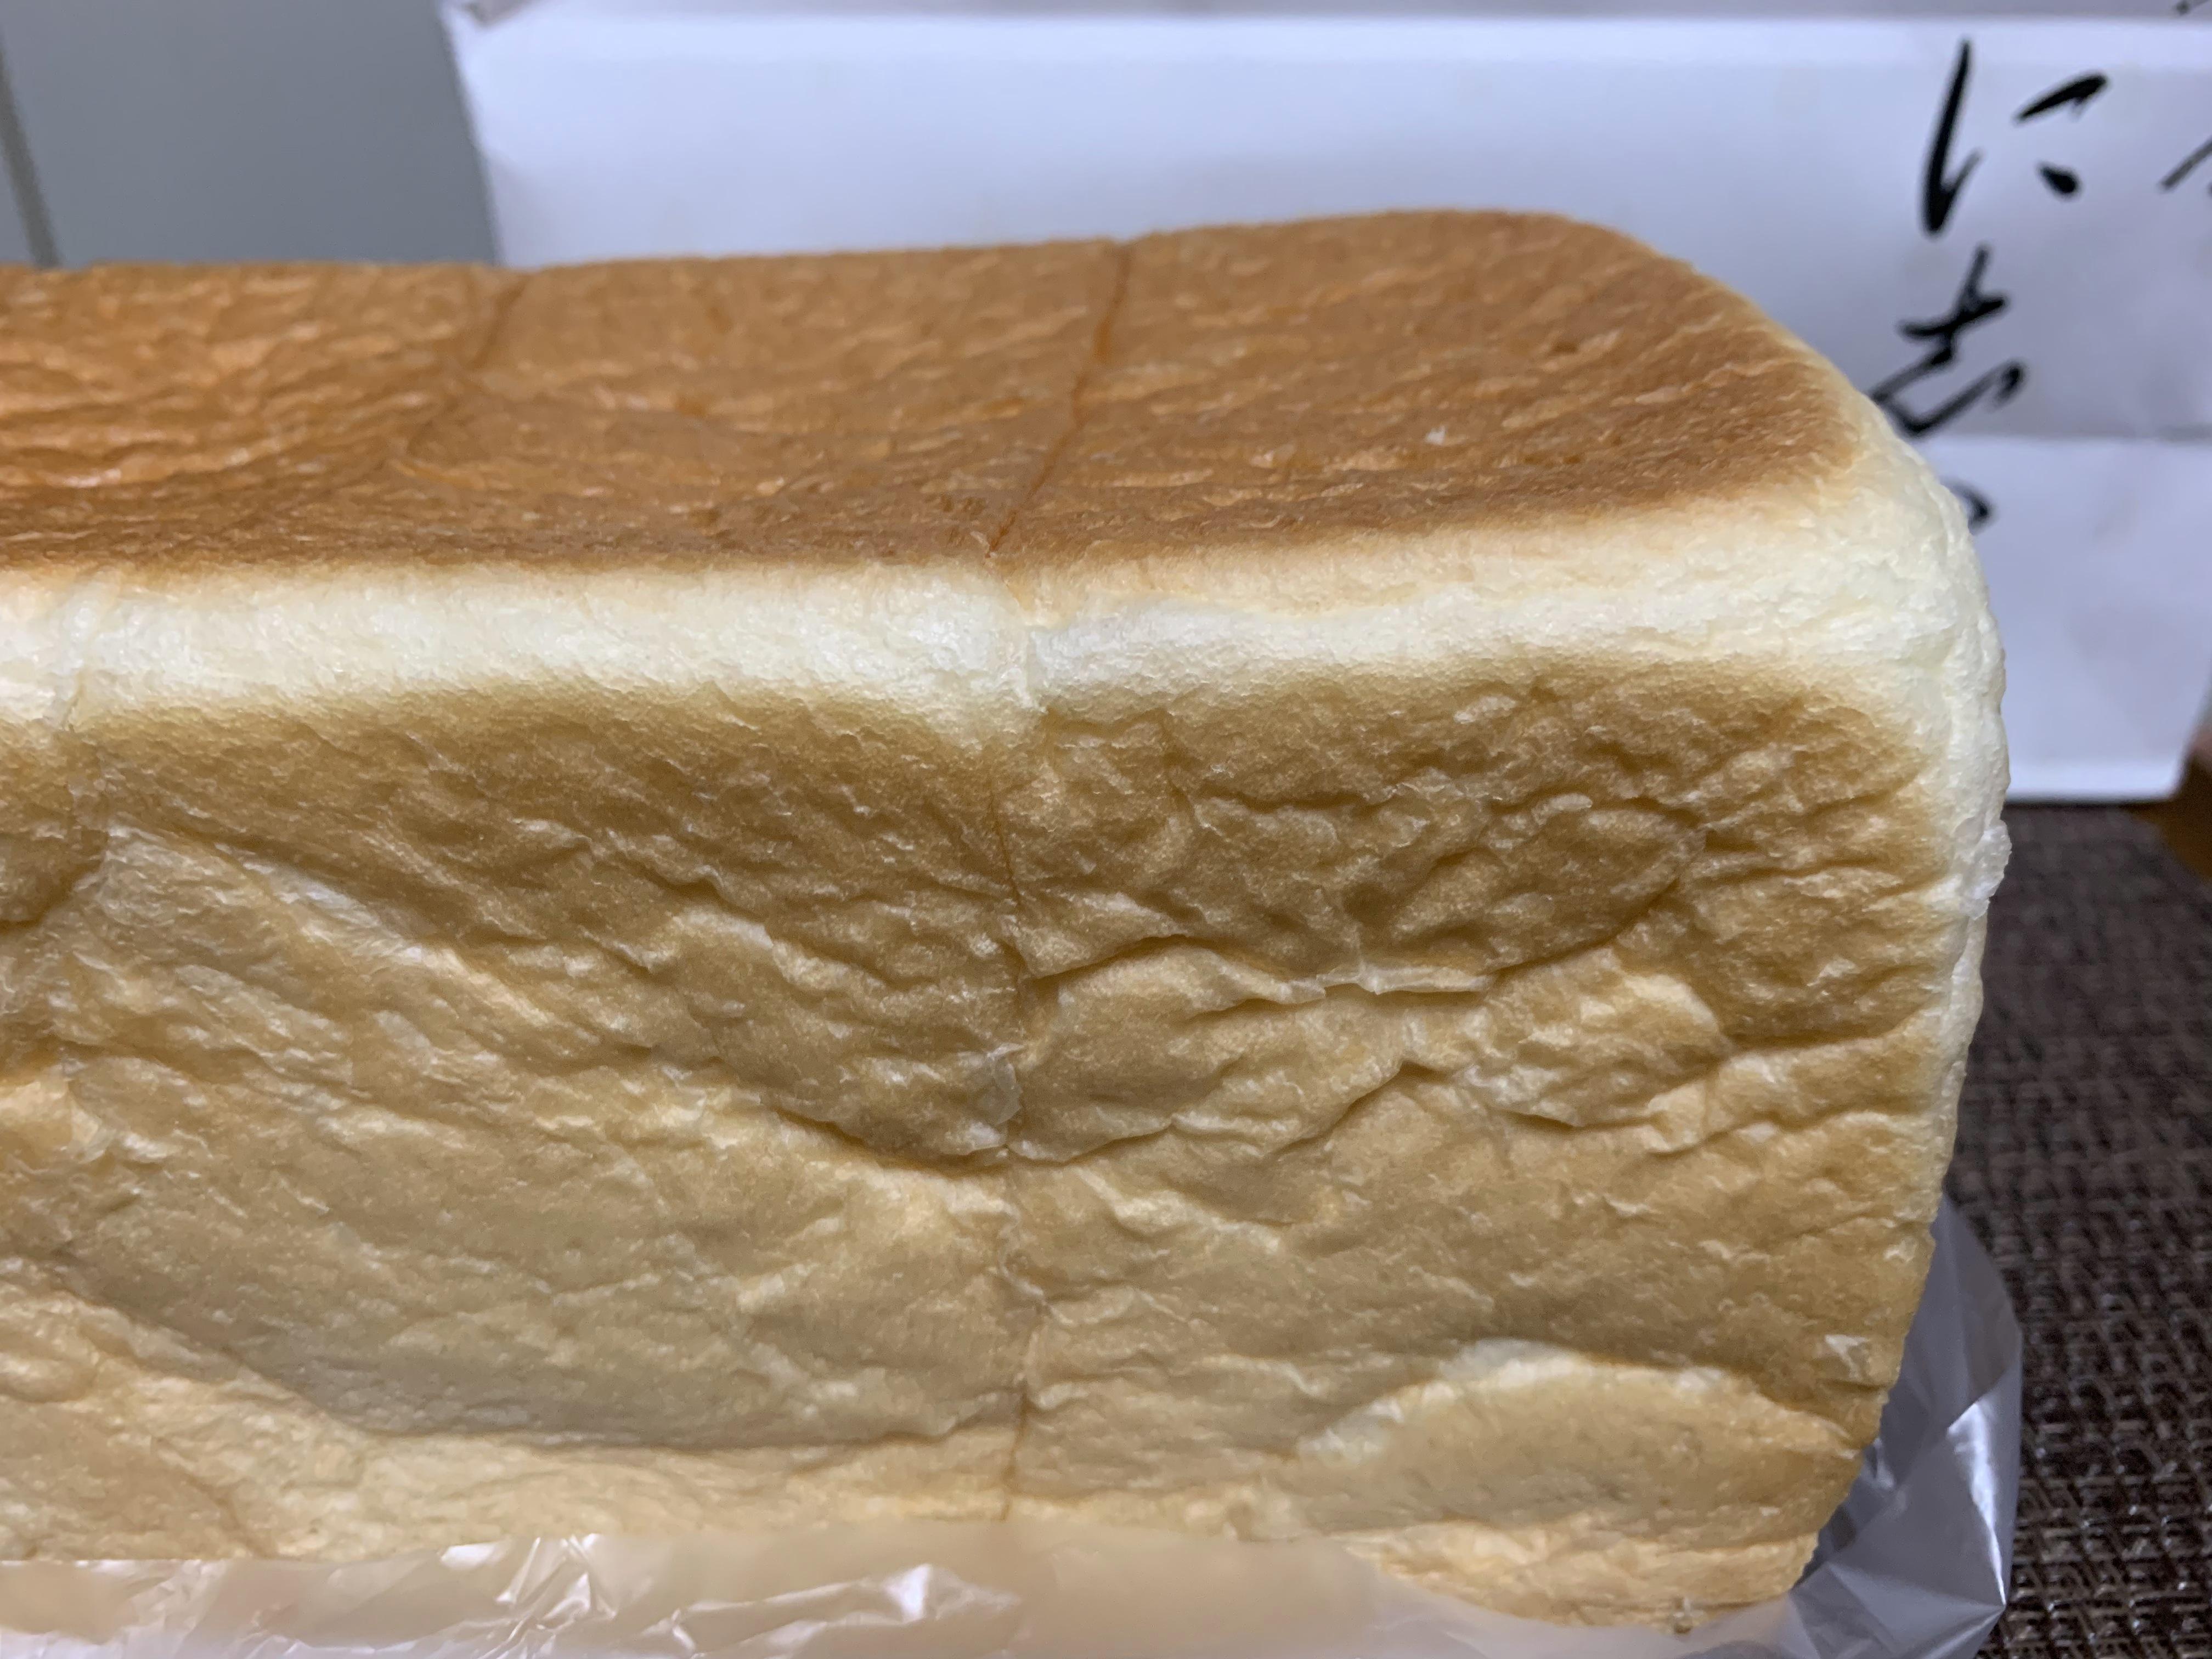 銀座に志かわ(にしかわ食パン屋)の値段やカロリー、美味しい食べ方は?食パン専門店